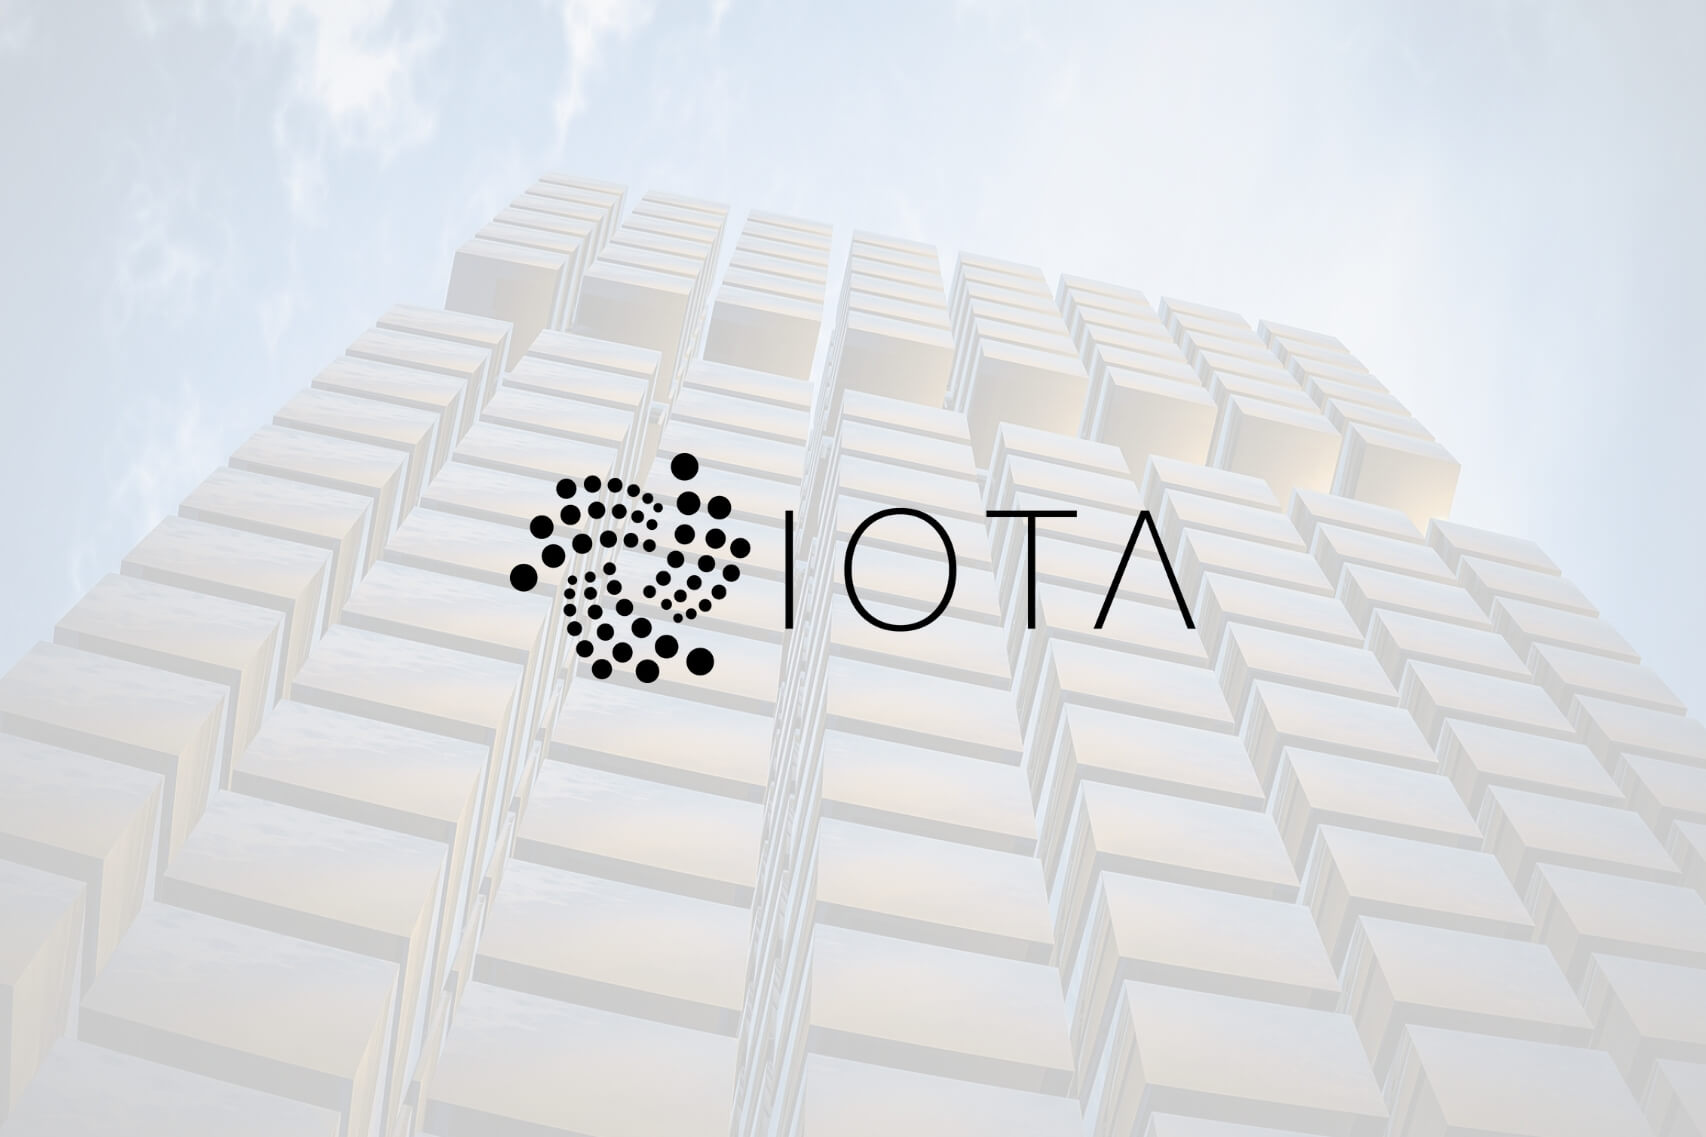 iota_trinity_desktop_wallet_beta